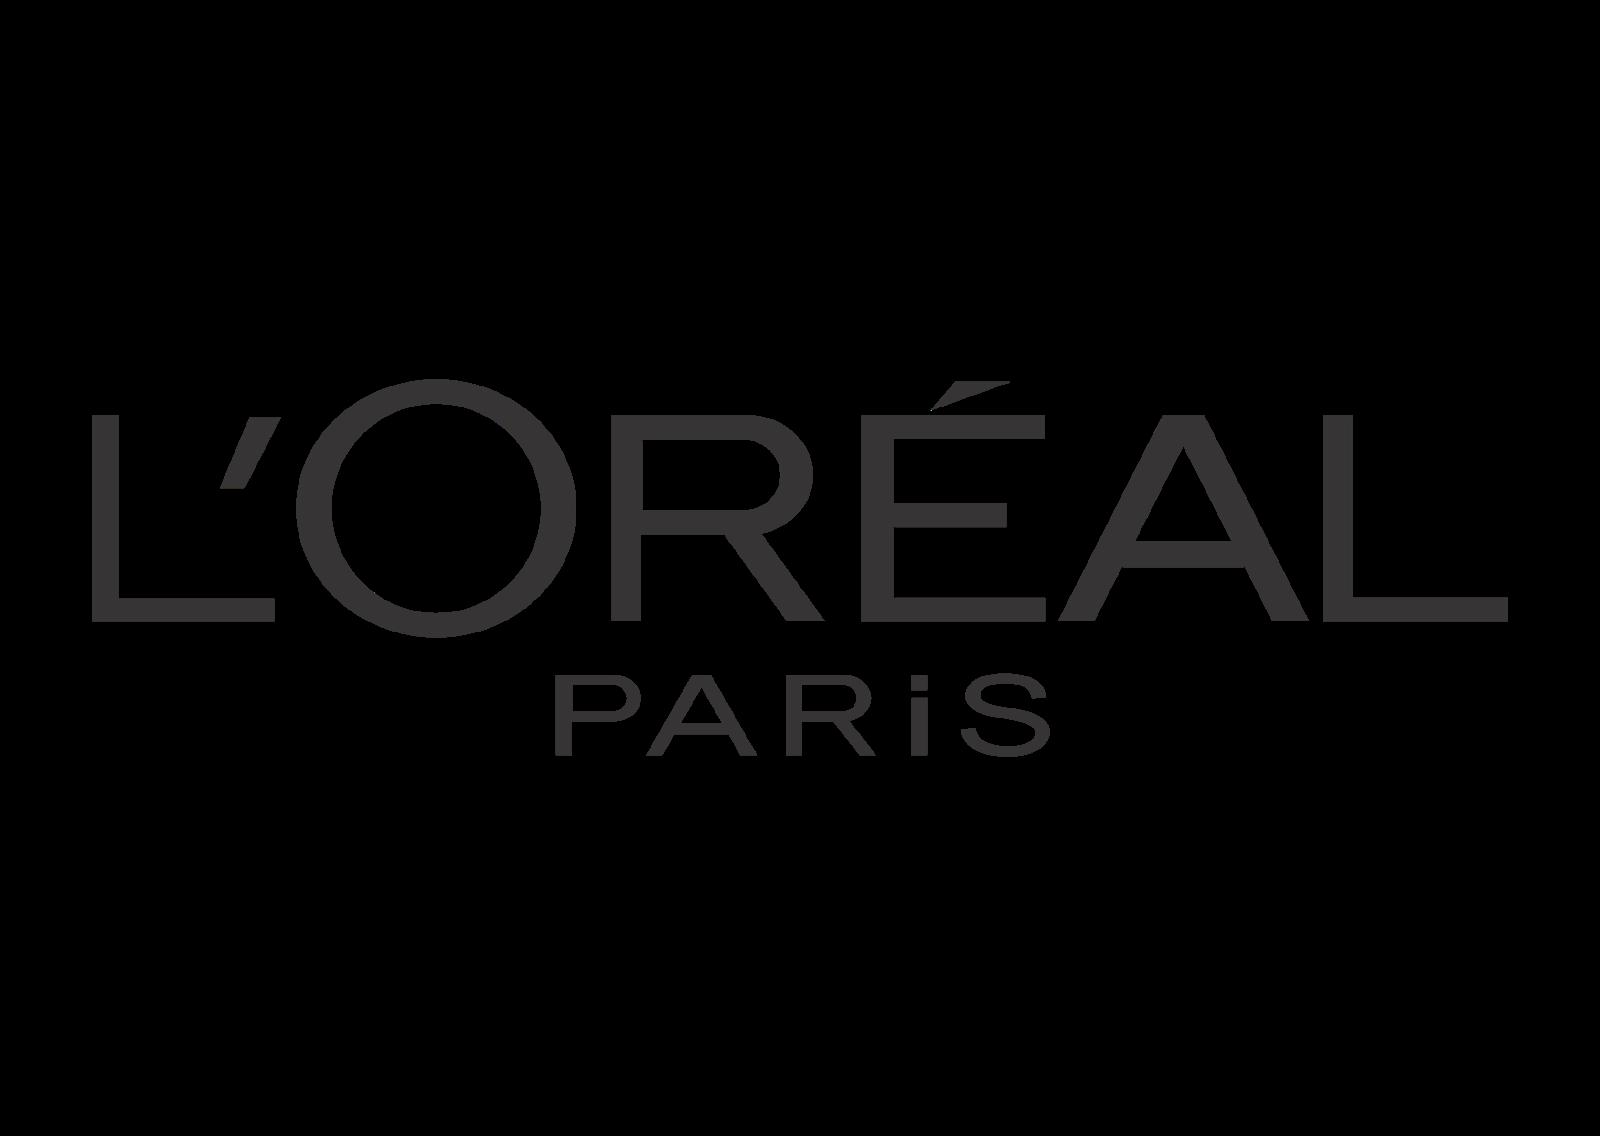 Loreal-PNG-Photos